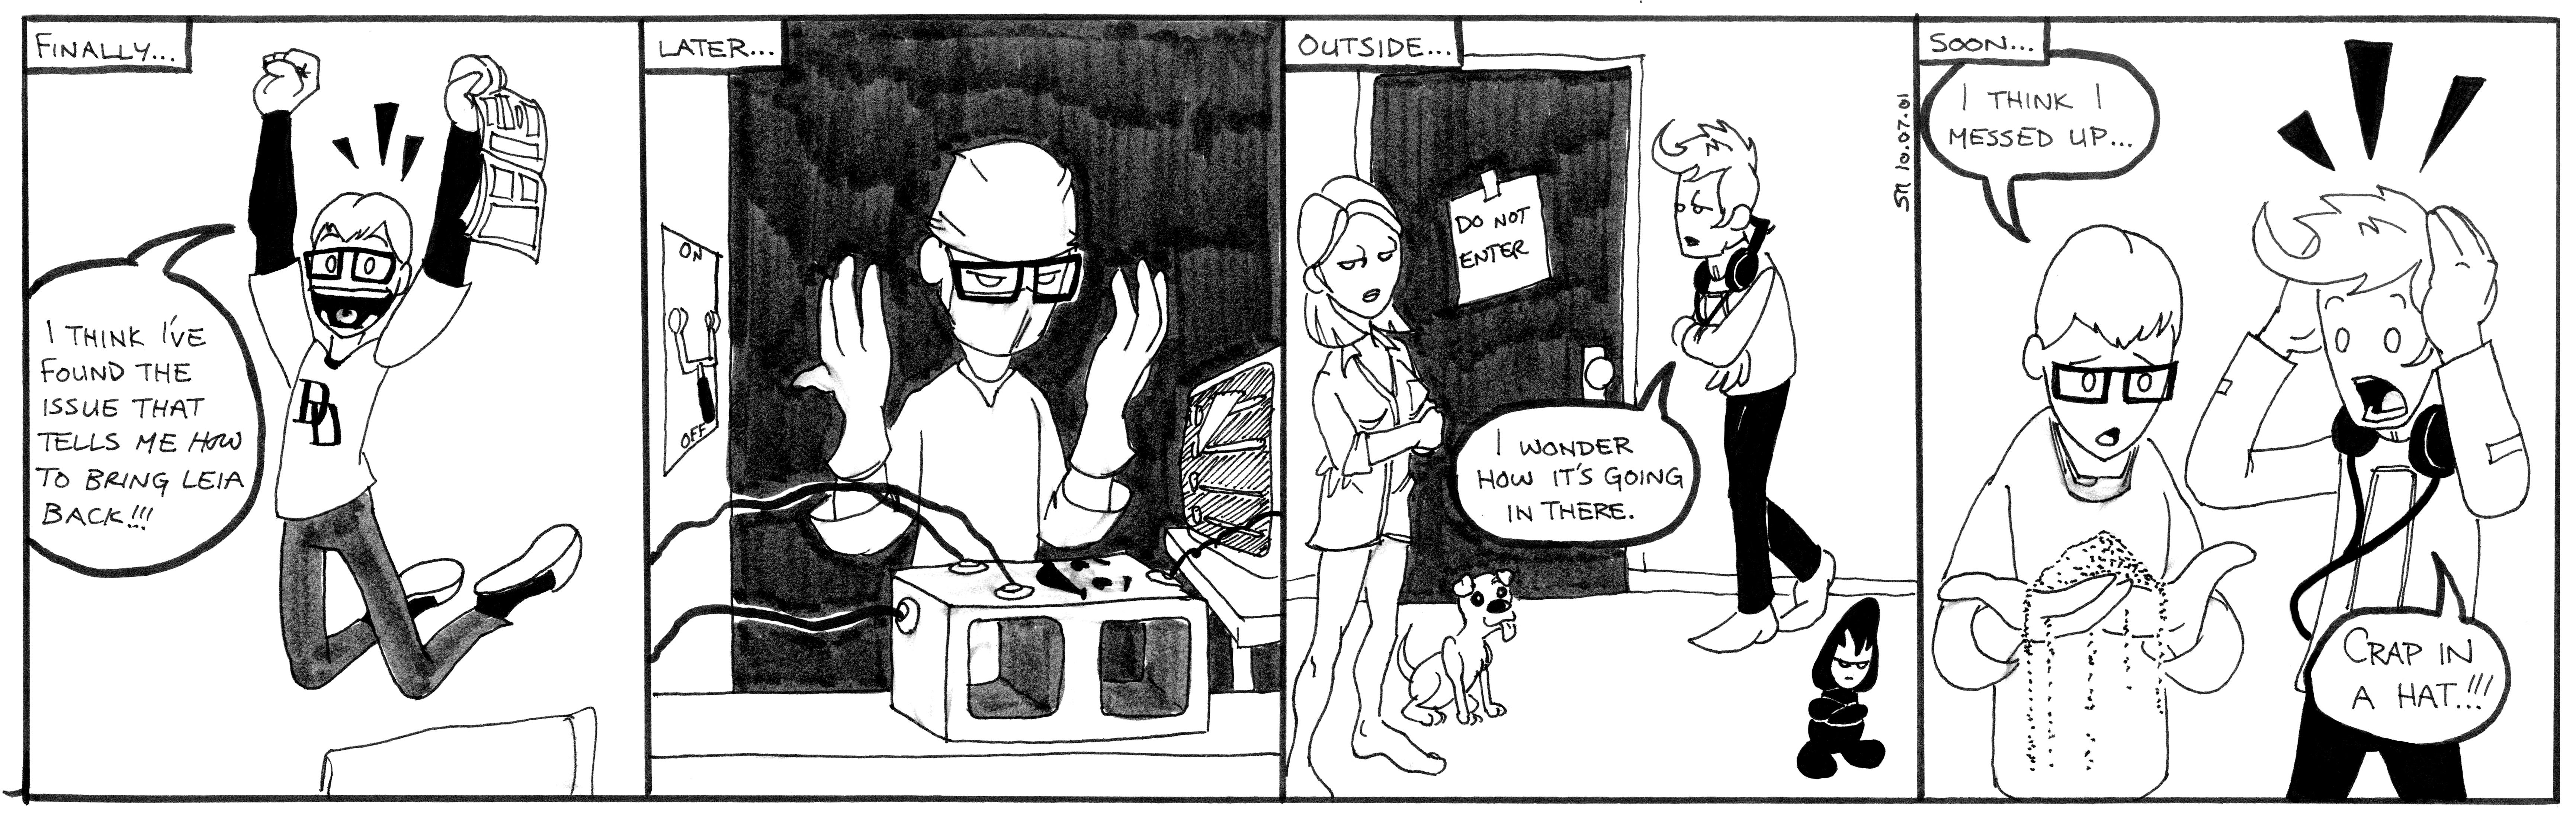 Tartar Sauce Comic 86